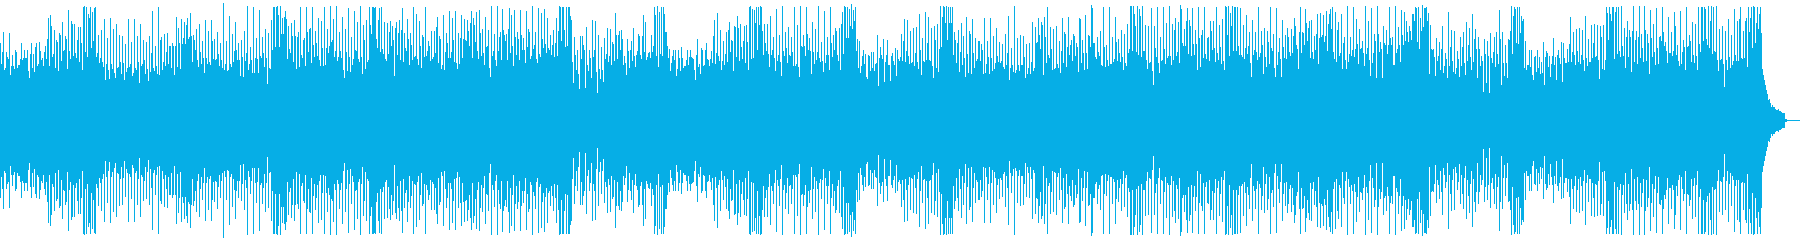 ファンキーイベントオープニング:フルx2の再生済みの波形